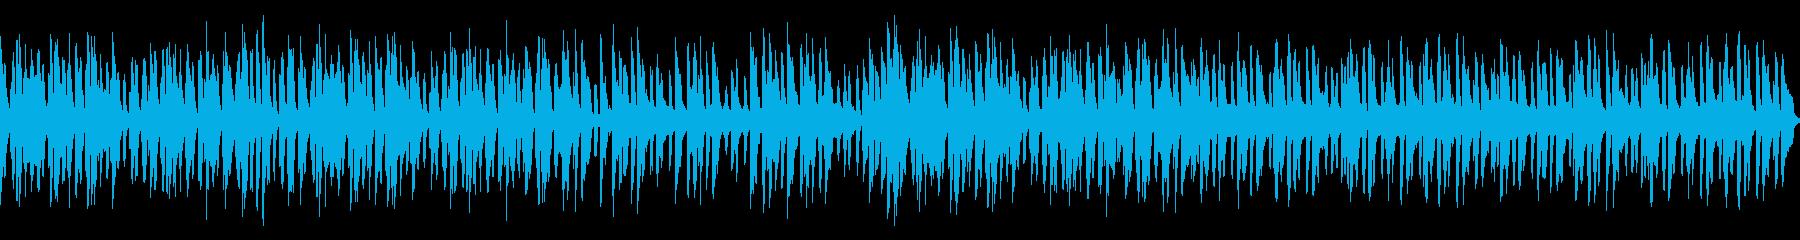 メルヘン明るく跳ねる可愛いワルツ(ループの再生済みの波形